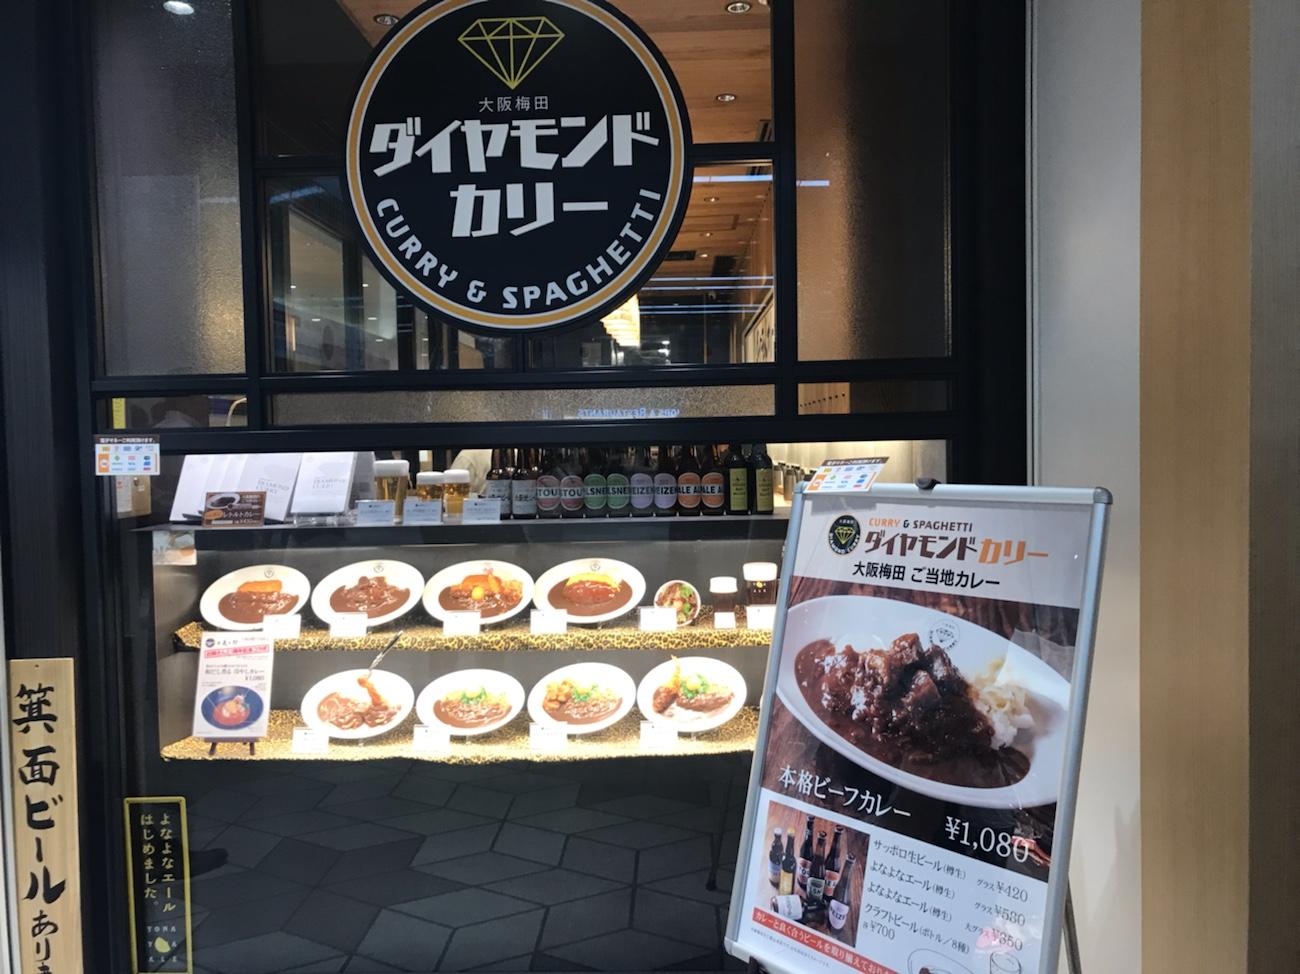 伊丹空港 食事レストラン ダイヤモンドカリーの看板